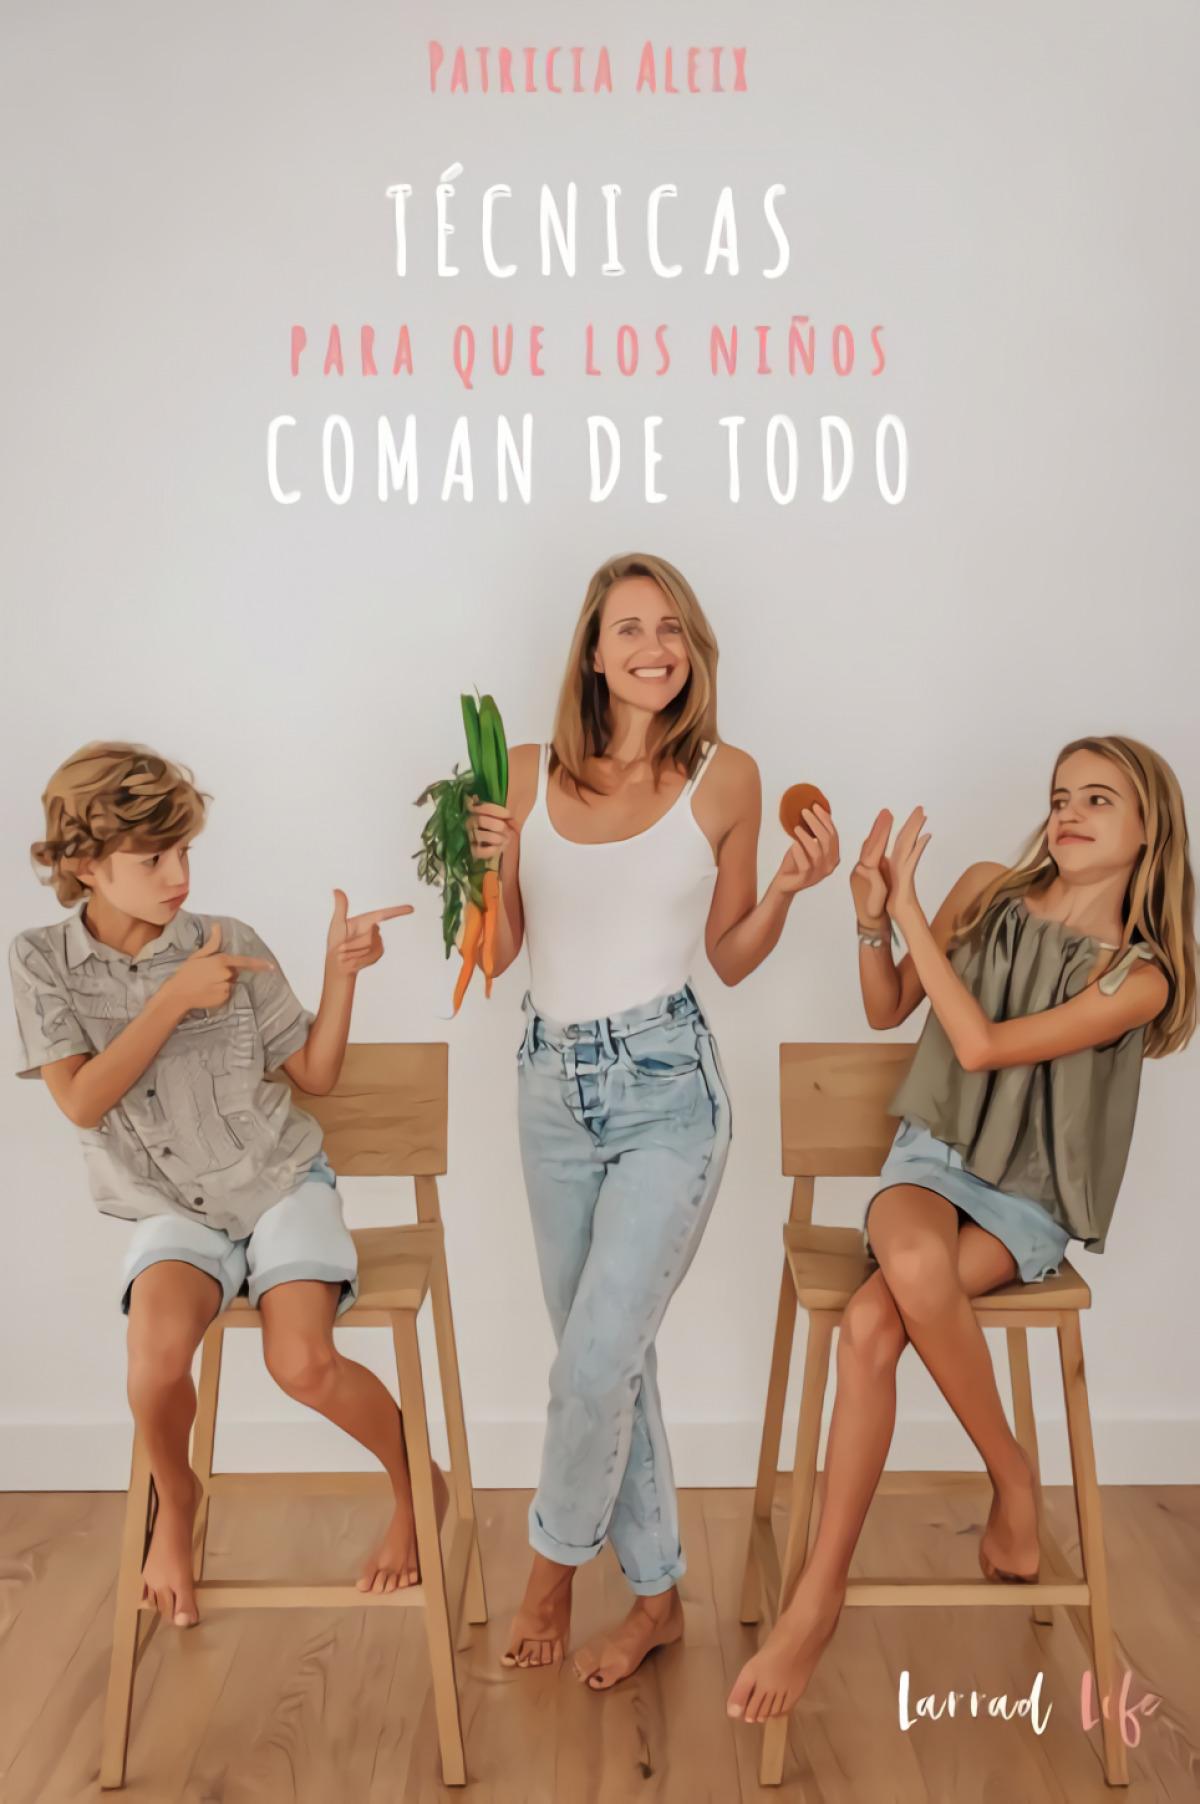 TÉNICAS PARA QUE LOS NIÑOS COMAN DE TODO